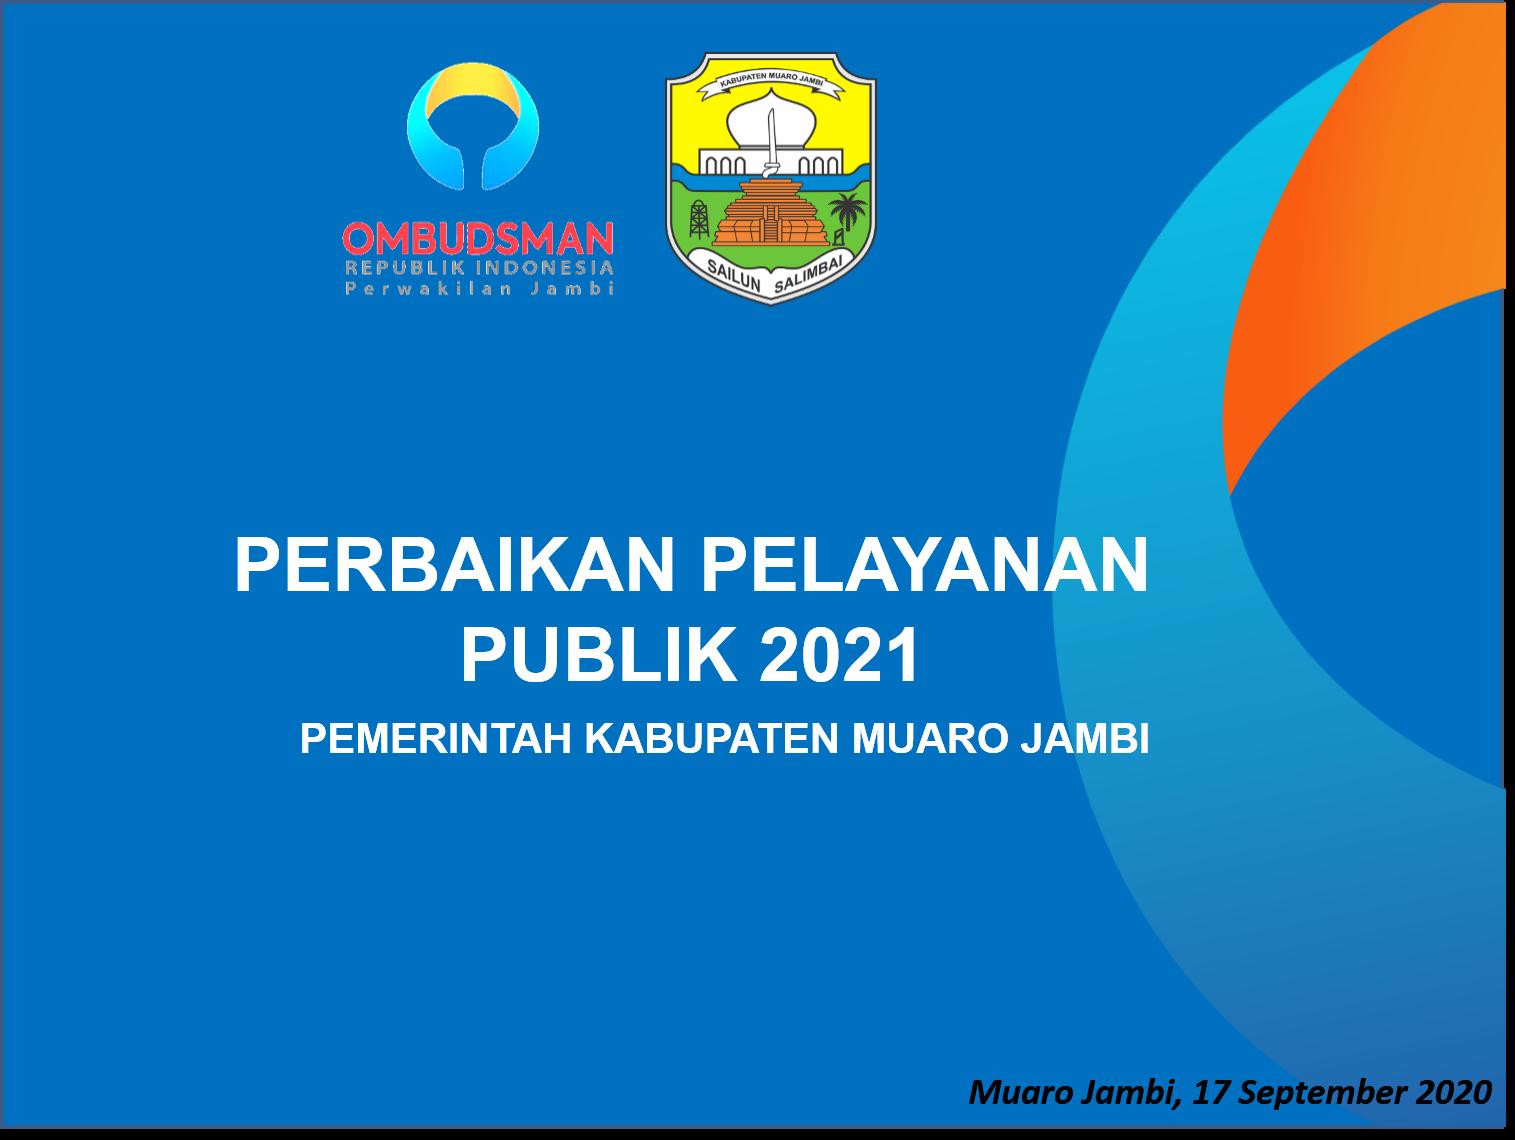 Paparan Ombudsman  Perbaikan Pelayanan Publik 2021 Pemkab Muaro Jambi